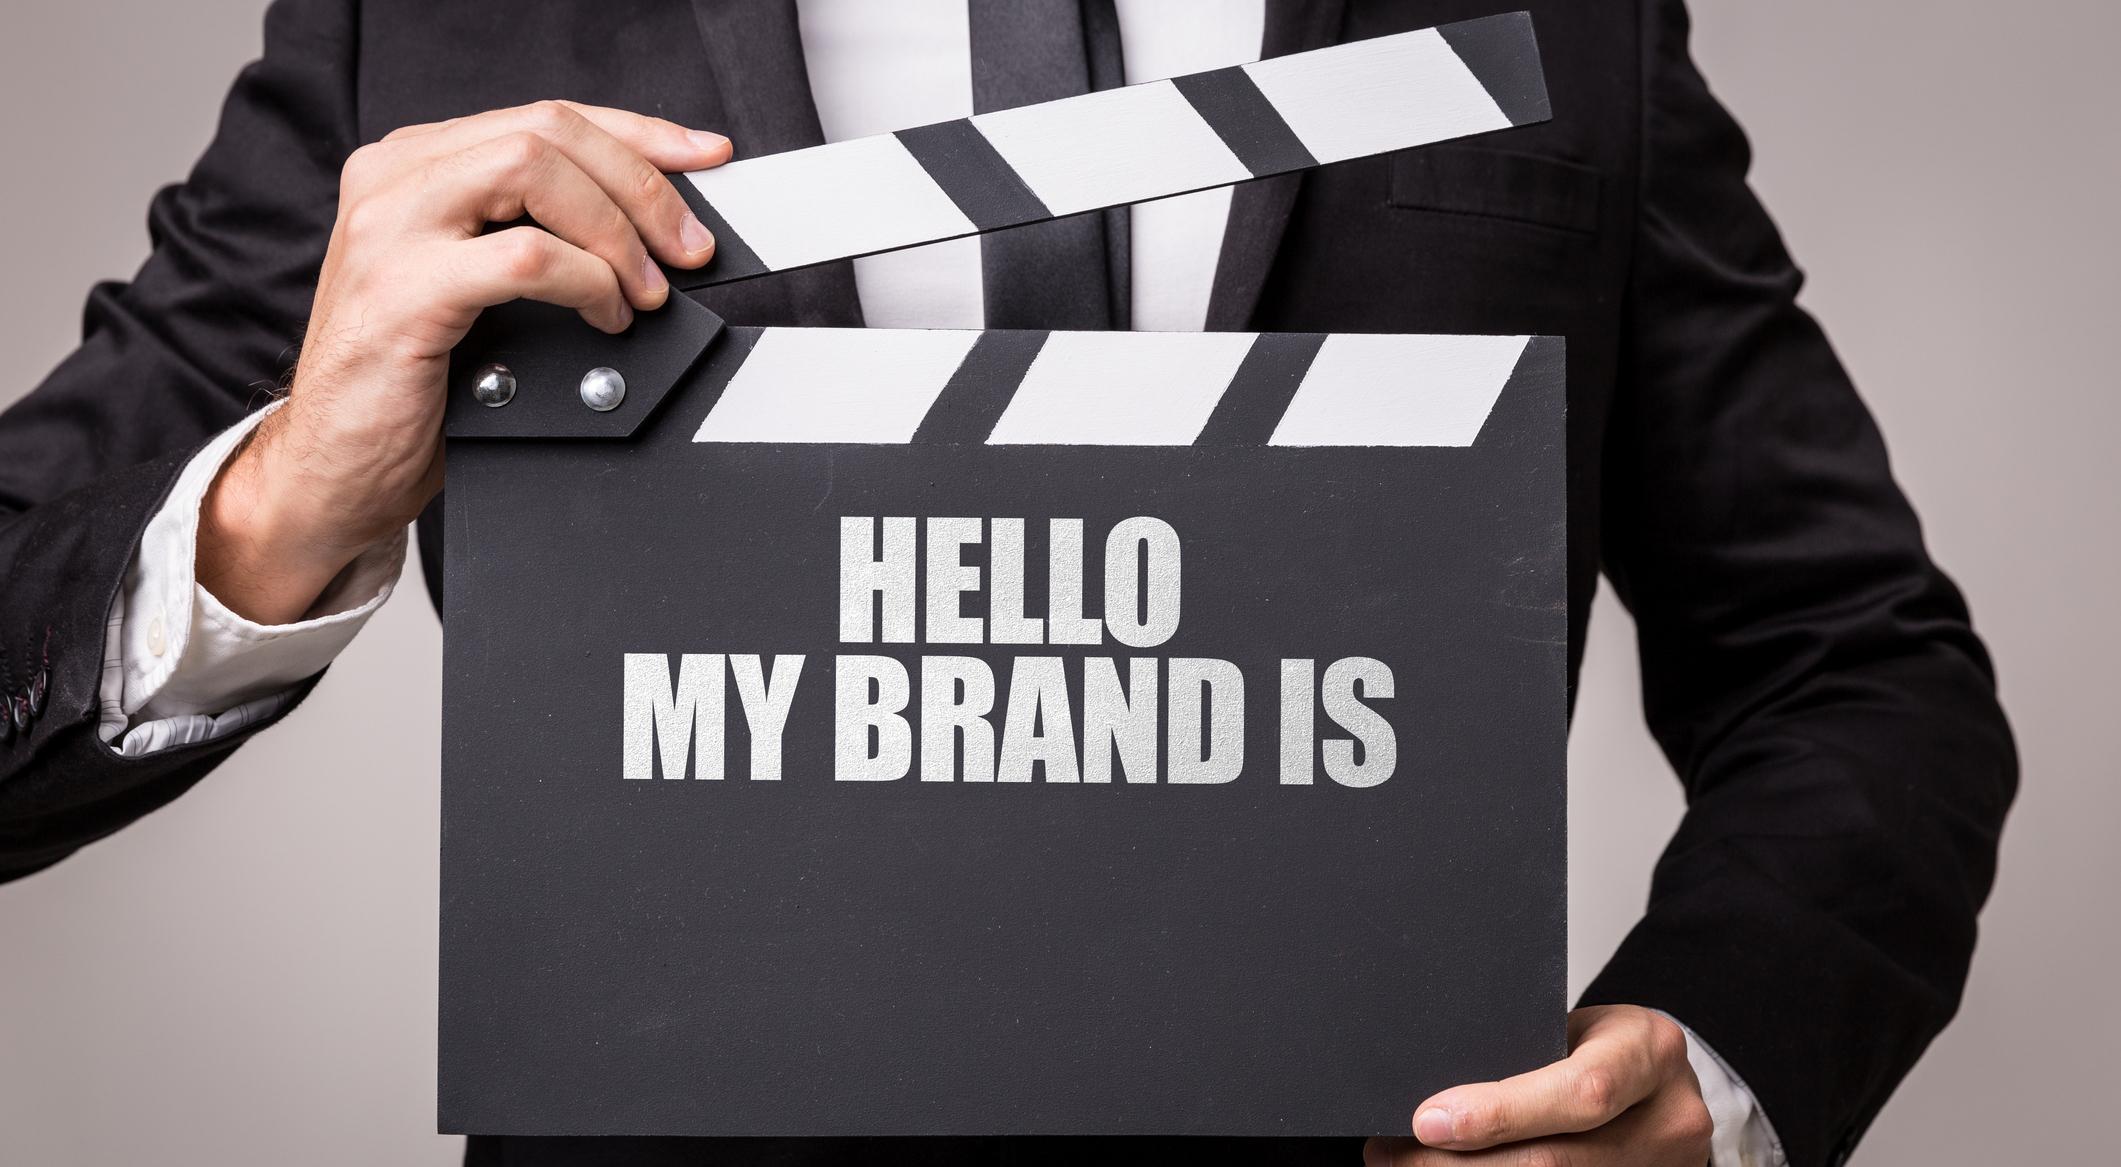 Millennials and personal branding